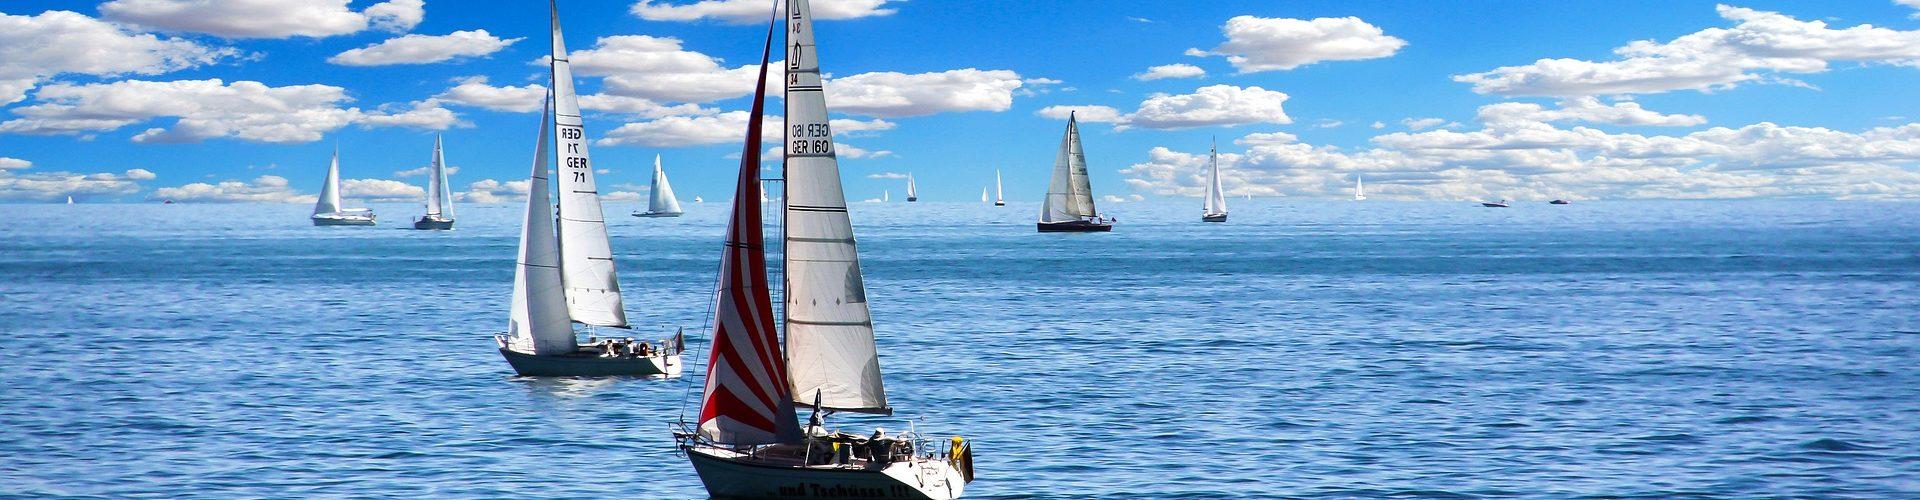 segeln lernen in Coburg segelschein machen in Coburg 1920x500 - Segeln lernen in Coburg